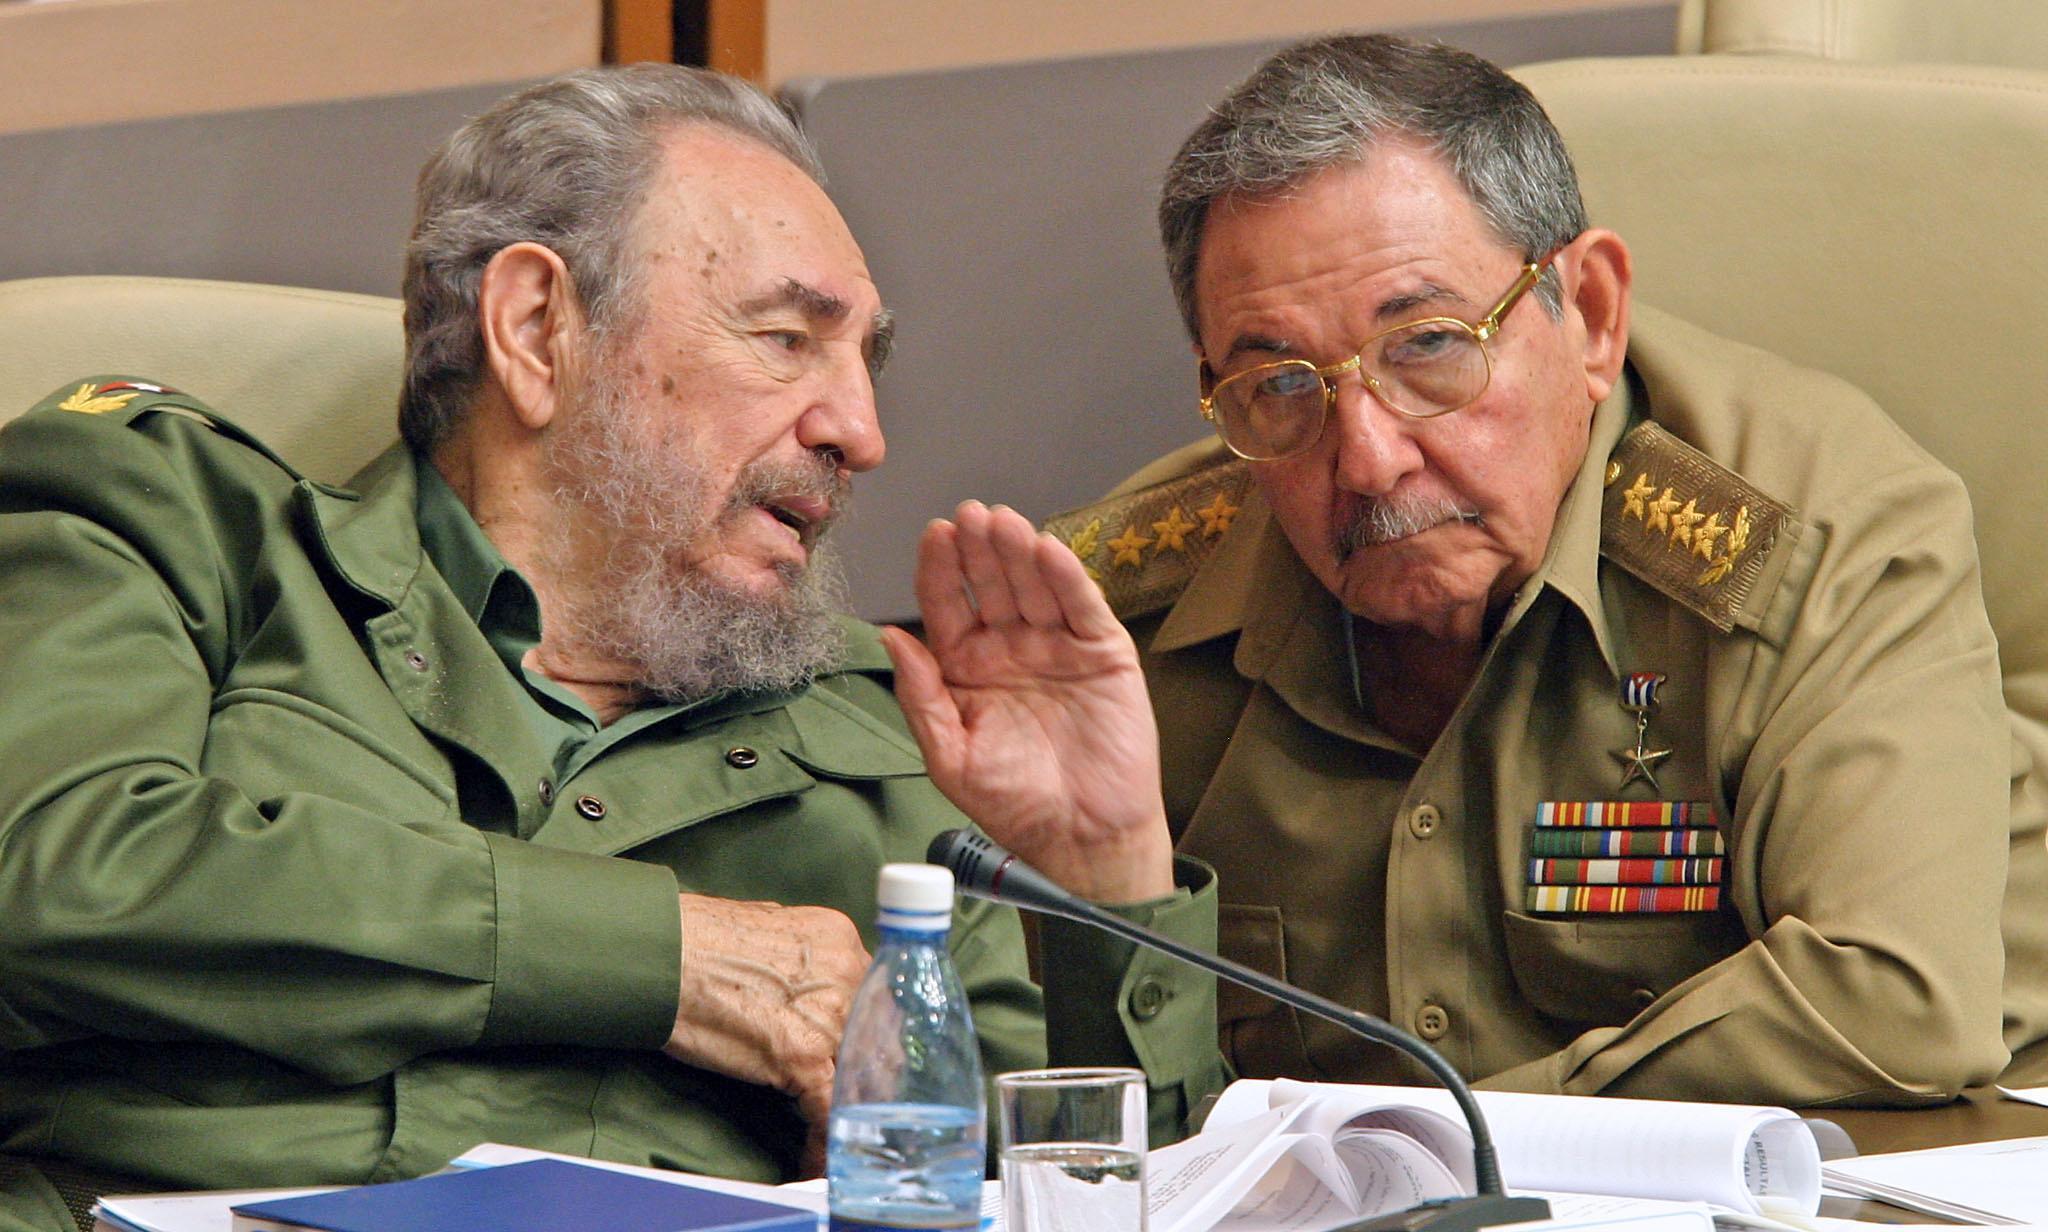 Fidel Castro akiwa na kaka yake Raul Castro wakati huo akiwa Waziri wa Ulinzi, mwezi Desemba 2003, katika kikao cha Bunge la Cuba..